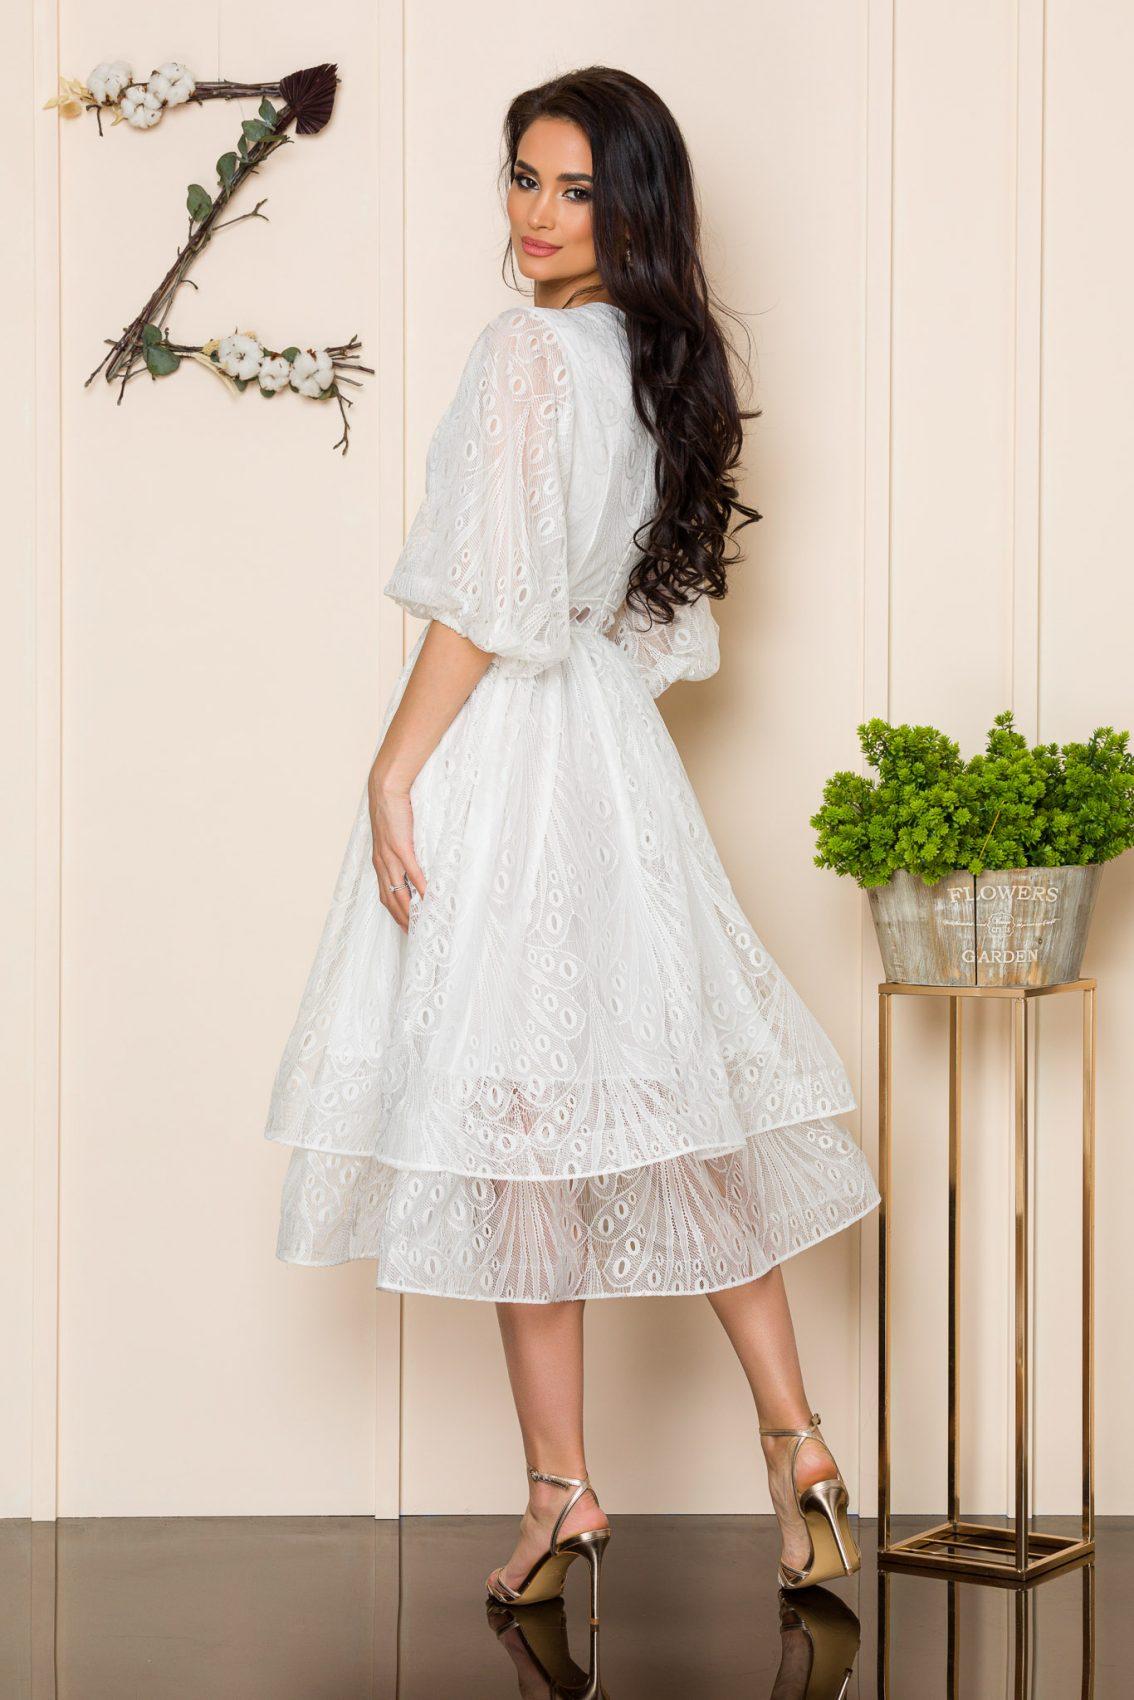 Λευκό Φόρεμα Από Δαντέλα Angeline 9909 2